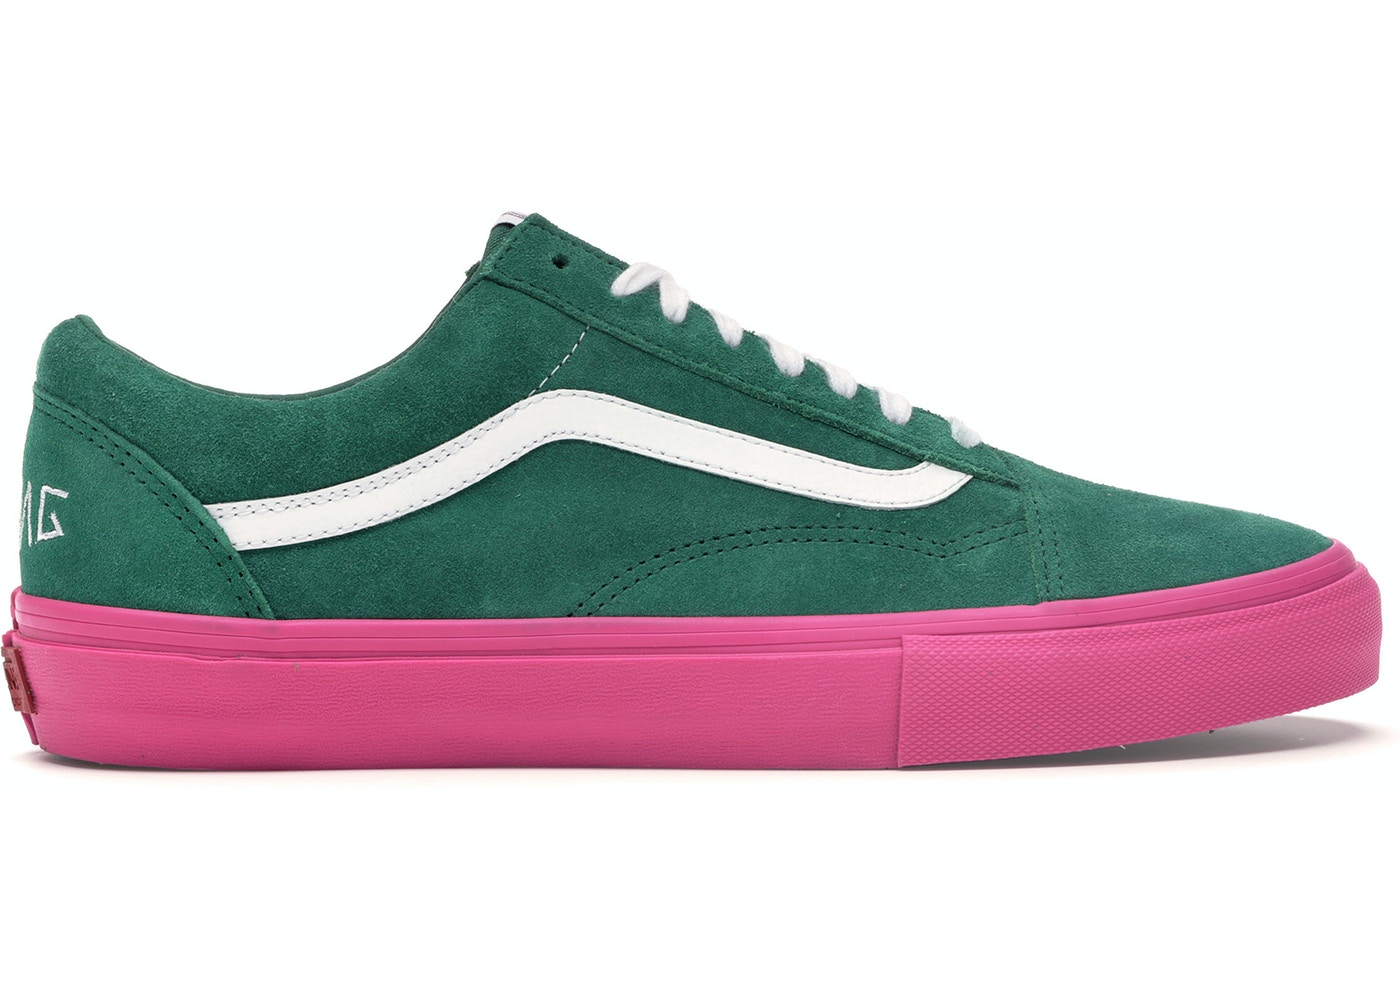 c38a4adf40ea9c Vans Old Skool Pro S Golf Wang Green Pink - VN0QHMF5G